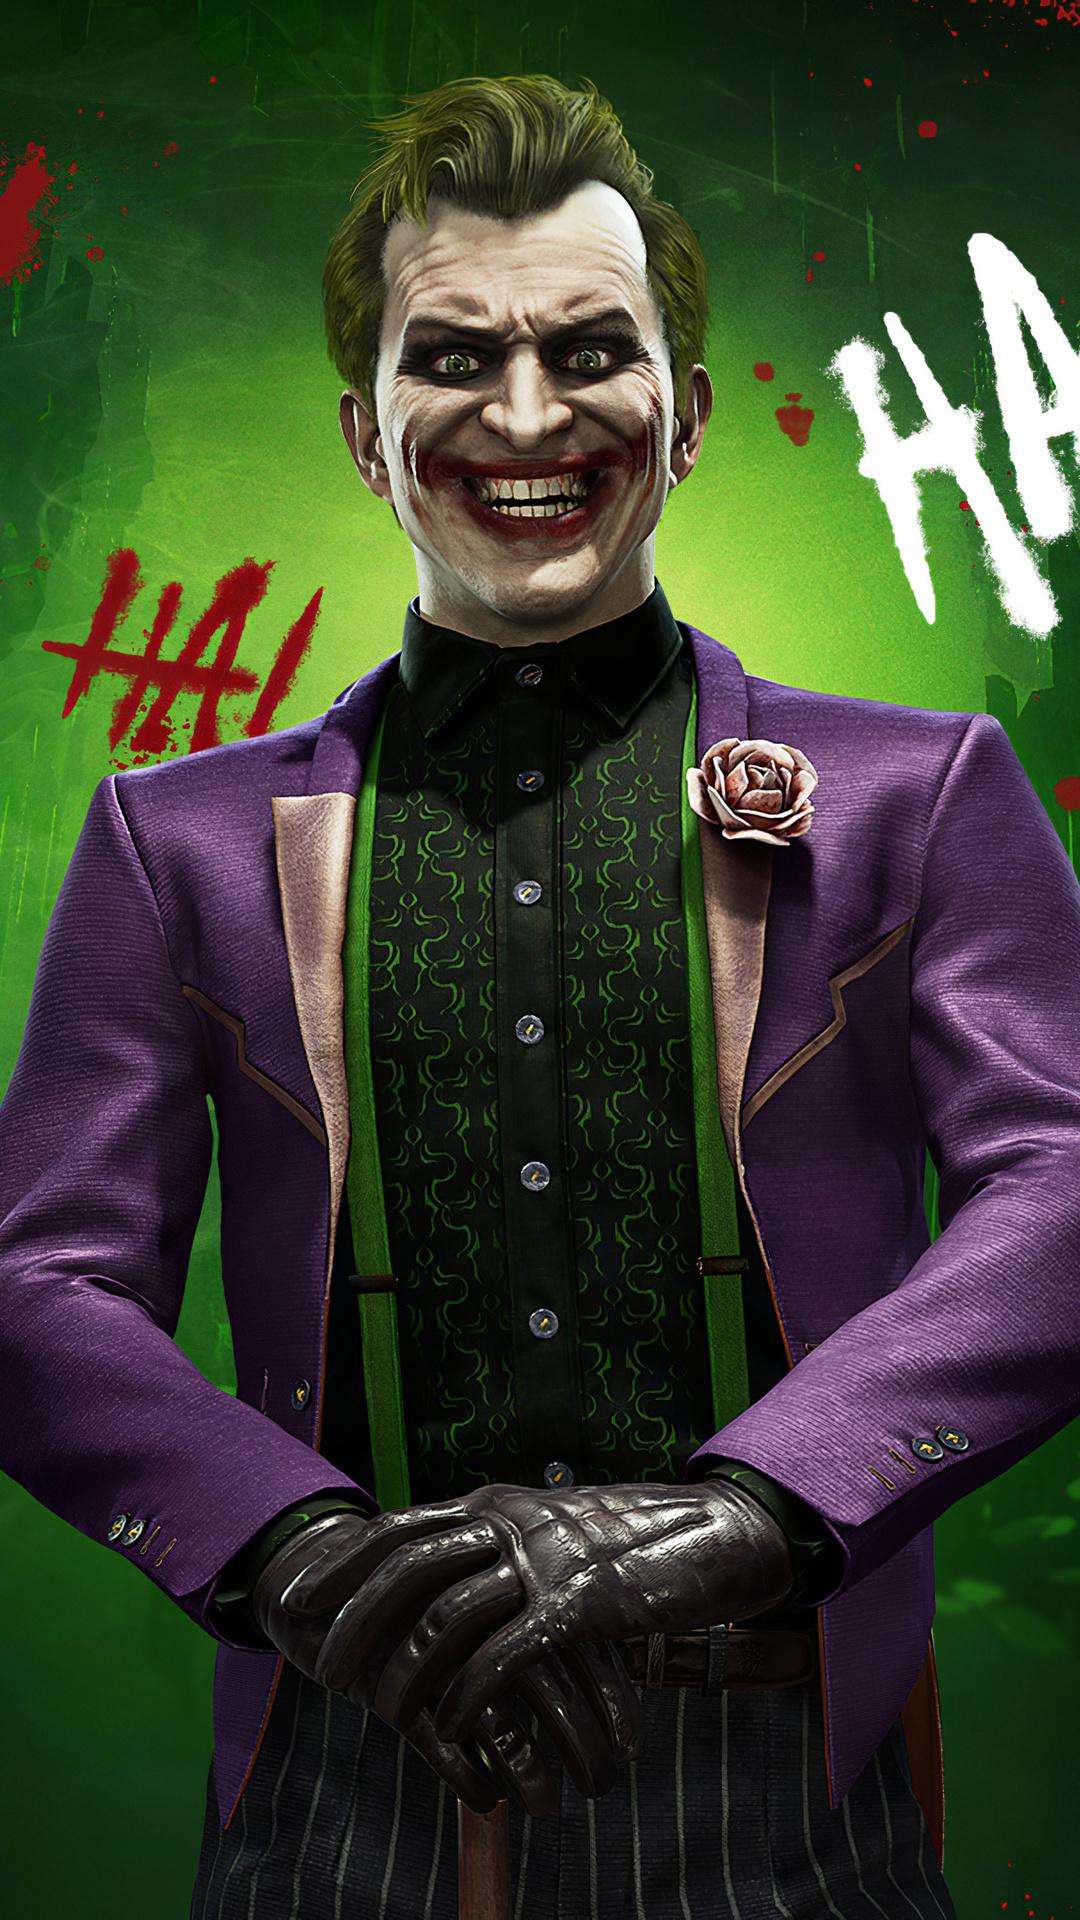 the-joker-mortal-kombat-11-7v.jpg